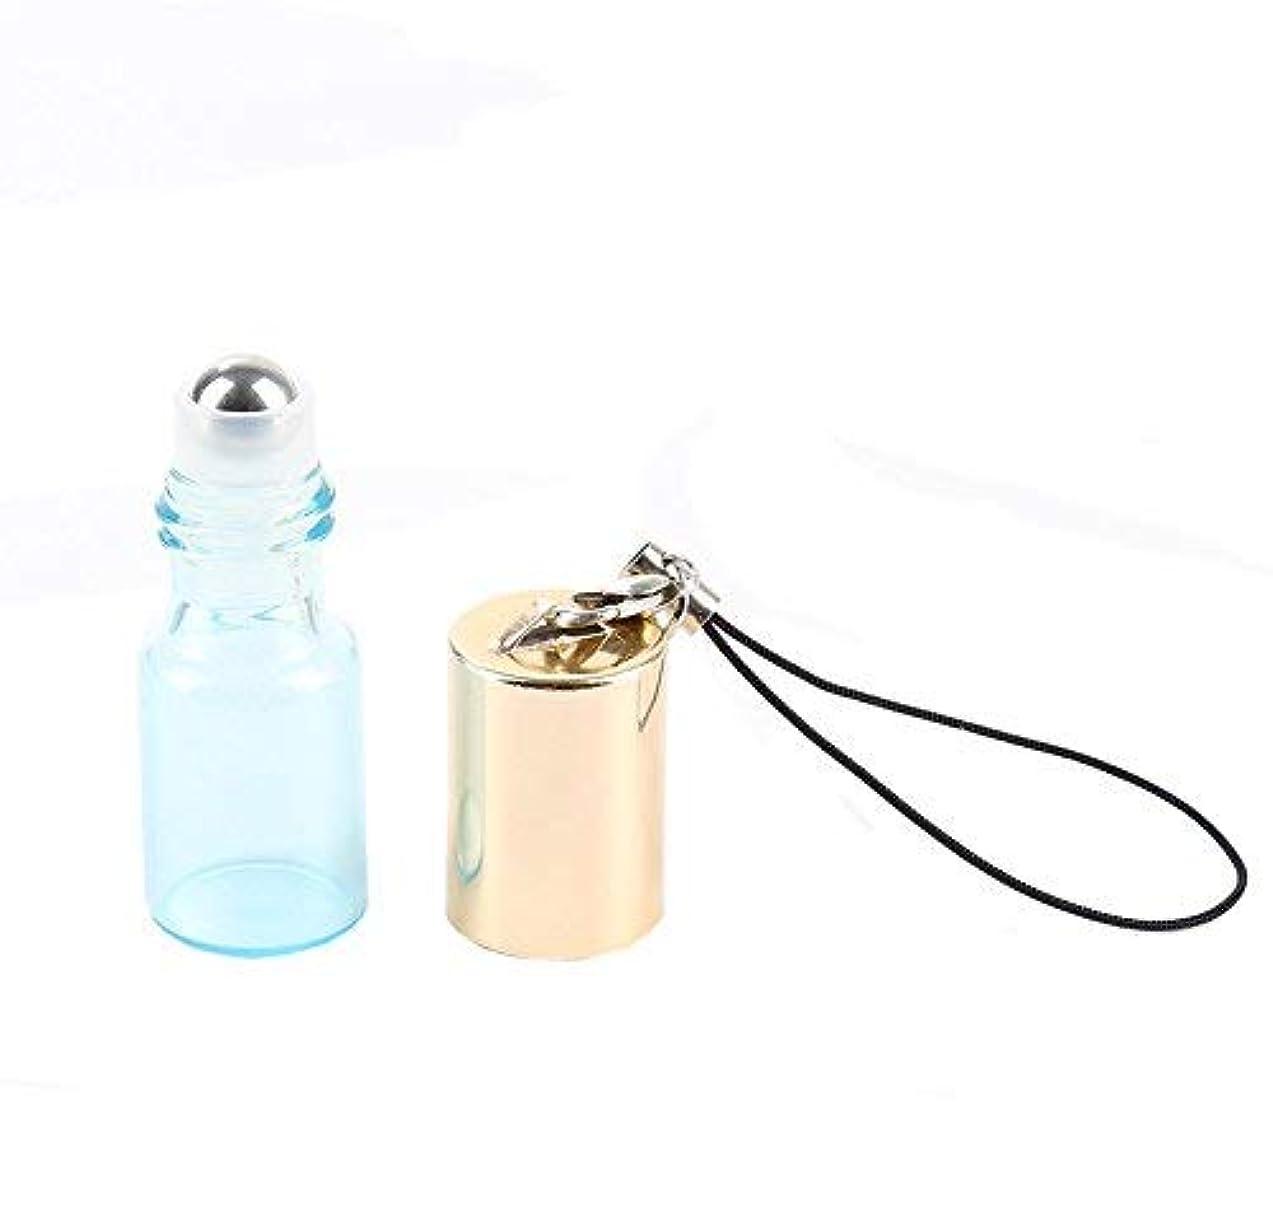 瞑想する偶然開始Empty Roller Bottles - Pack of 12 3ml Pearl Colored Glass Roll-on Bottles for Essential Oil Container with Golden Hanging Lids and 1Pc 3ml Droppers Included (Blue) [並行輸入品]